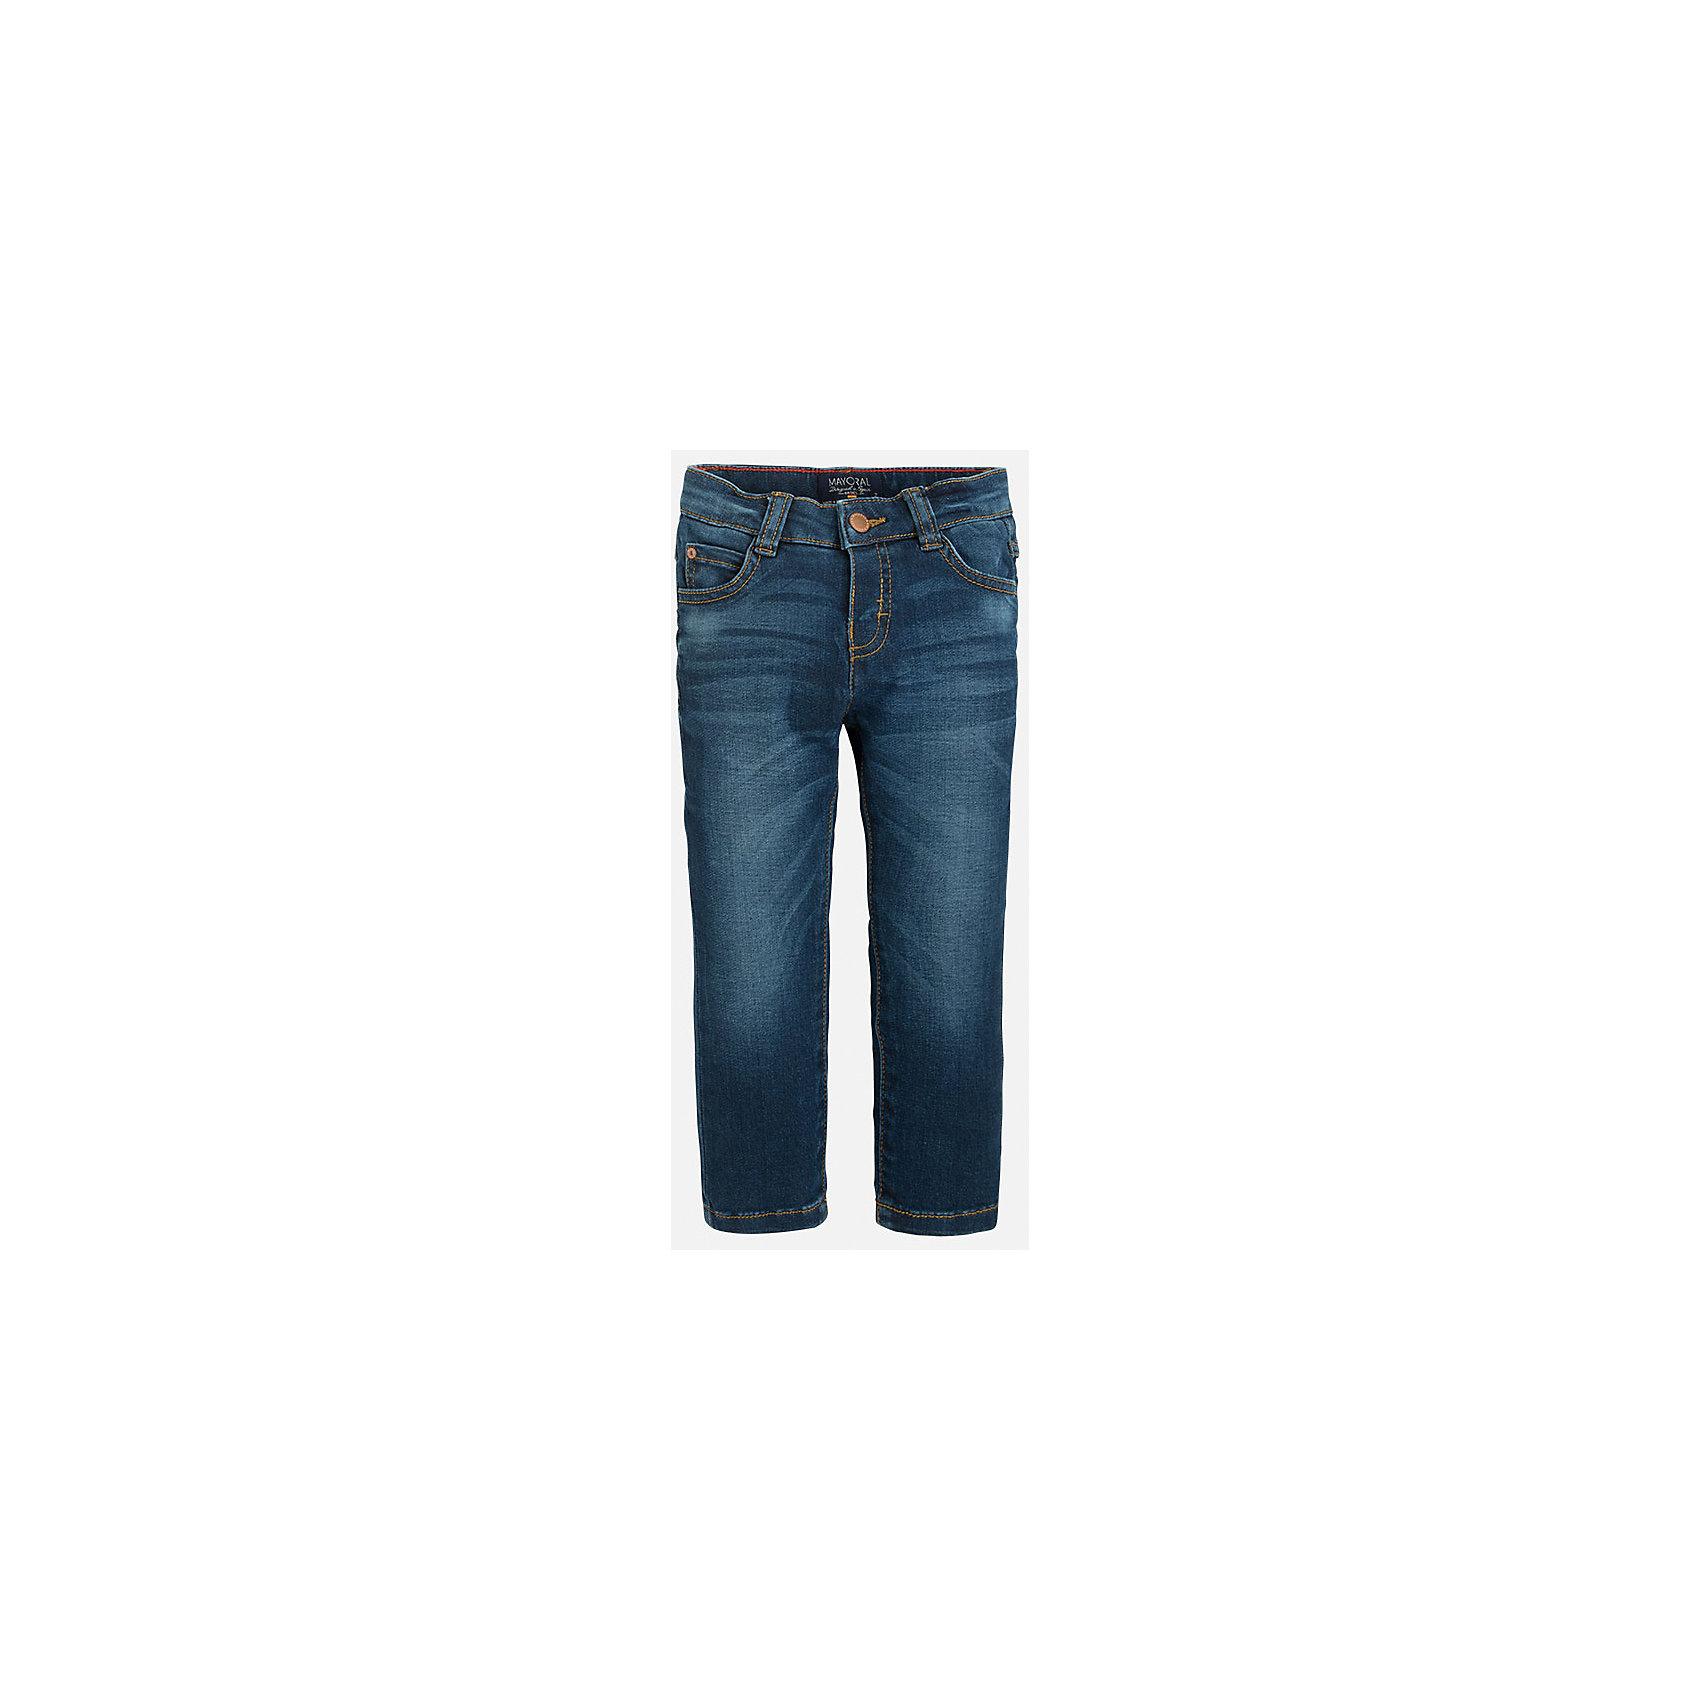 Джинсы для мальчика MayoralДжинсы<br>Хорошие, качественные джинсы - это необходимый атрибут в гардеробе каждого человека!<br><br>Дополнительная информация:<br><br>- Крой: зауженный крой (Slim fit).<br>- Страна бренда: Испания.<br>- Состав: хлопок 99%, эластан 1%.<br>- Цвет: темно-синий.<br>- Уход: бережная стирка при 30 градусах.<br><br>Купить брюки для мальчика Mayoral можно в нашем магазине.<br><br>Ширина мм: 215<br>Глубина мм: 88<br>Высота мм: 191<br>Вес г: 336<br>Цвет: синий<br>Возраст от месяцев: 24<br>Возраст до месяцев: 36<br>Пол: Мужской<br>Возраст: Детский<br>Размер: 98,122,104,110,116,134,128<br>SKU: 4826615